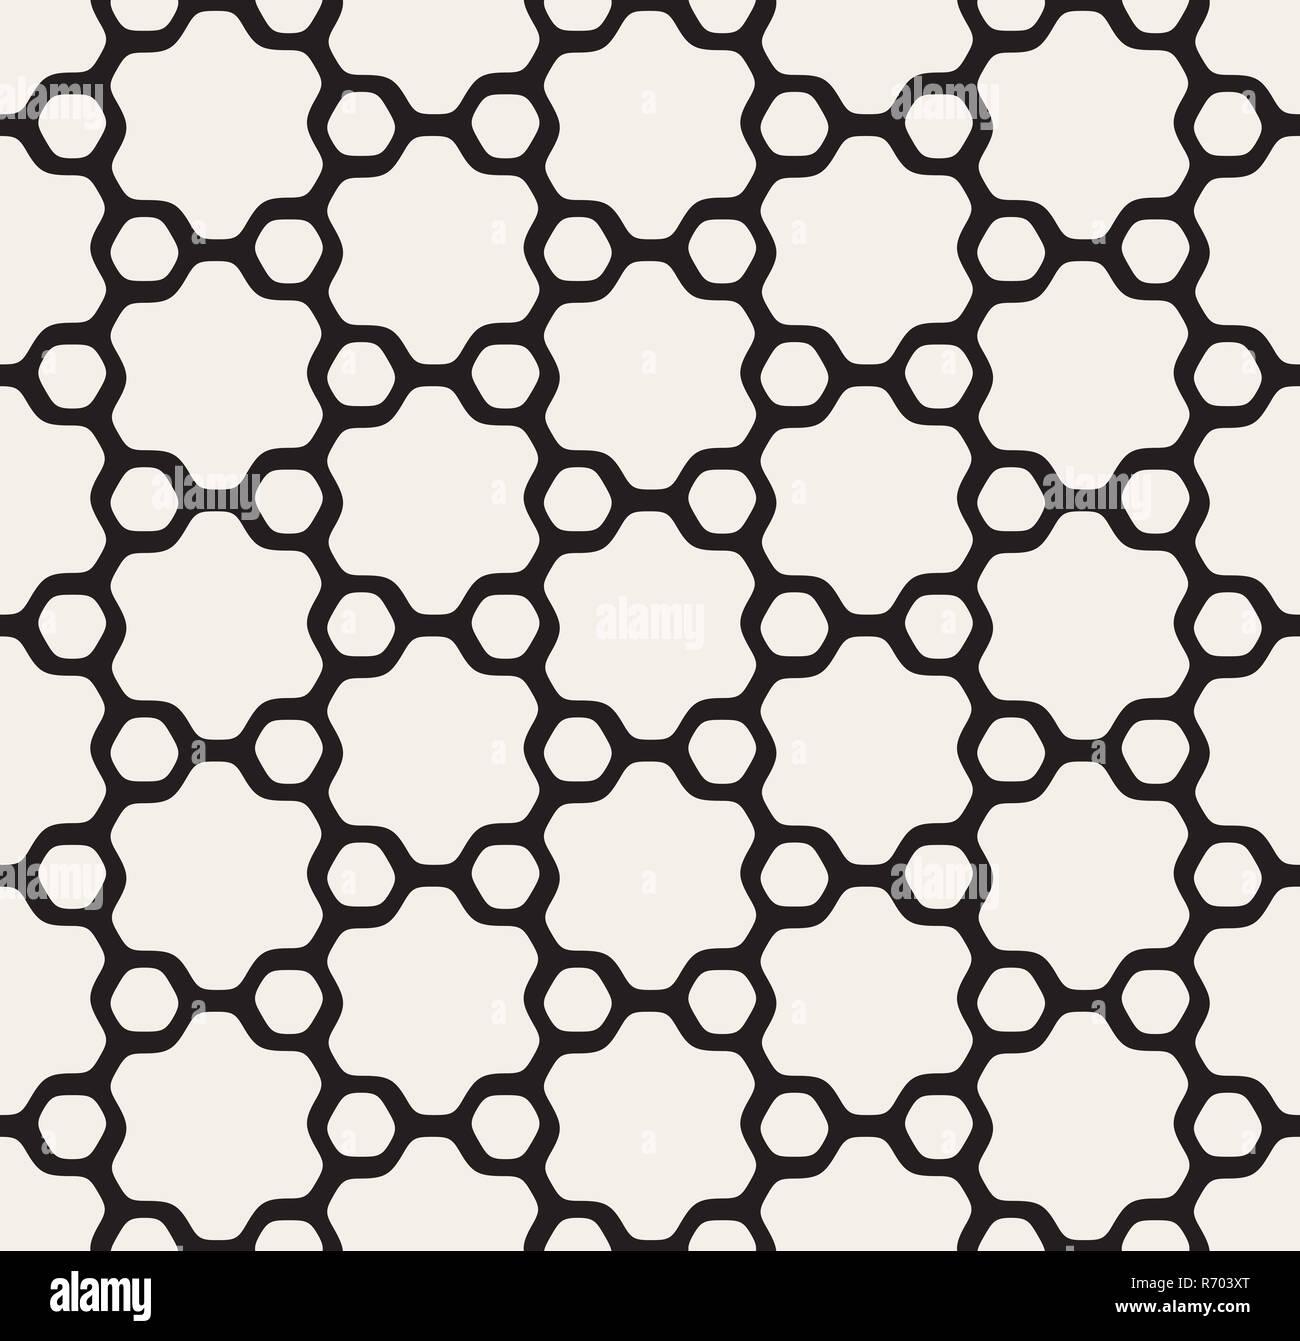 Blanco y negro perfecta vector floral redondeado estrella hexagonal y describió círculos patrón Foto de stock